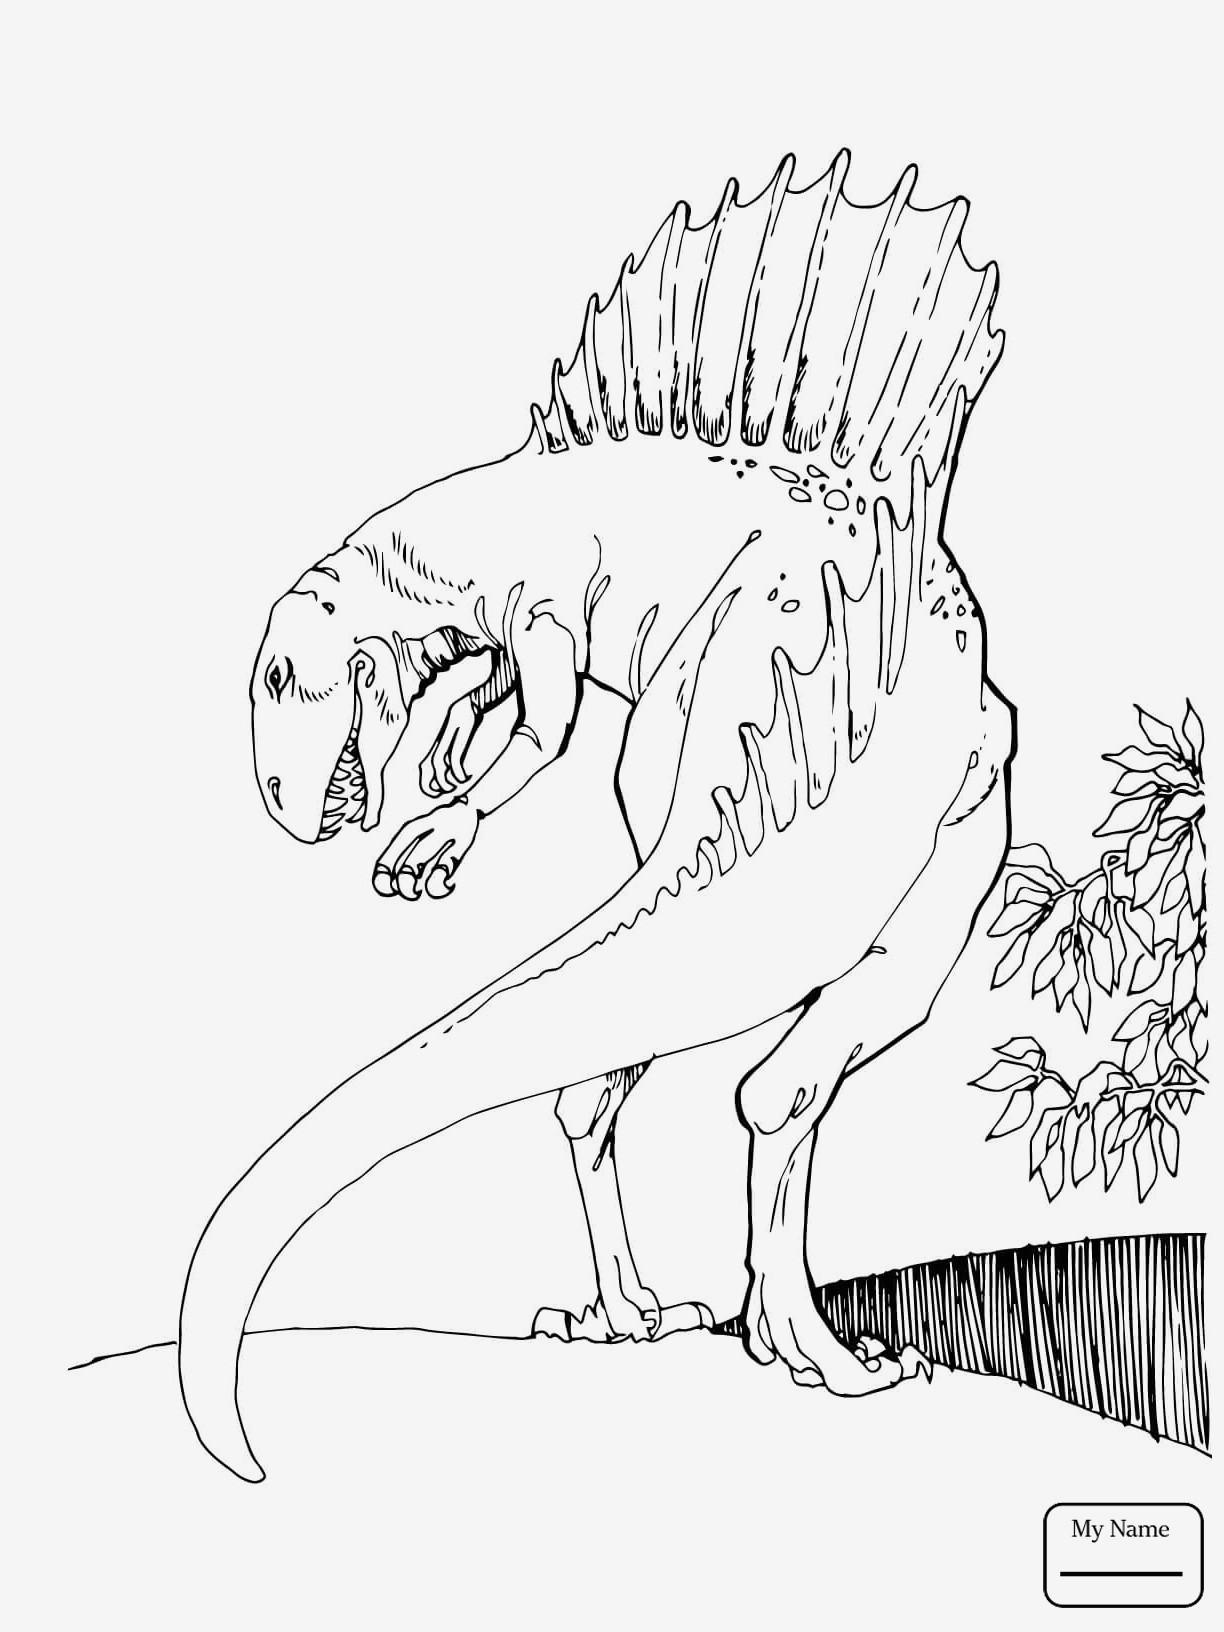 Tyrannosaurus Rex Ausmalbild Das Beste Von Spannende Coloring Bilder T Rex Malvorlagen Kostenlos Bild